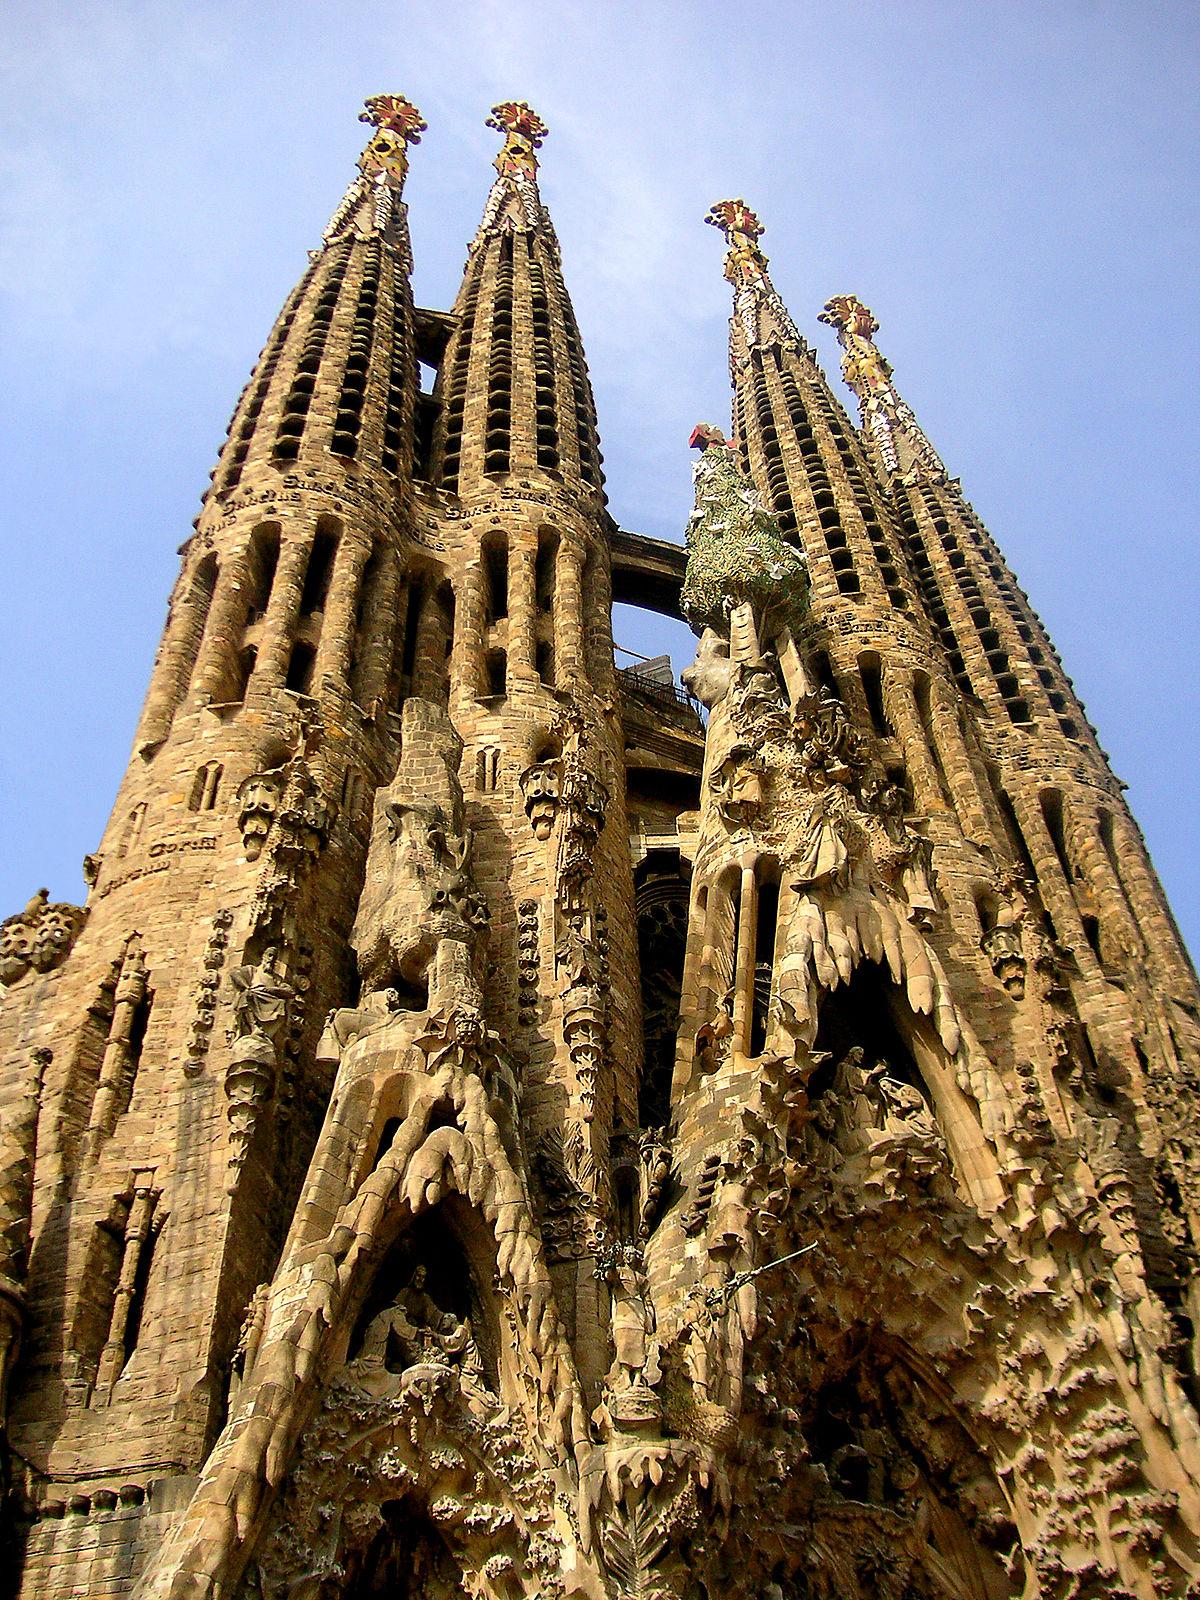 Arquitectura de espa a wikipedia la enciclopedia libre for Arquitectura de espana